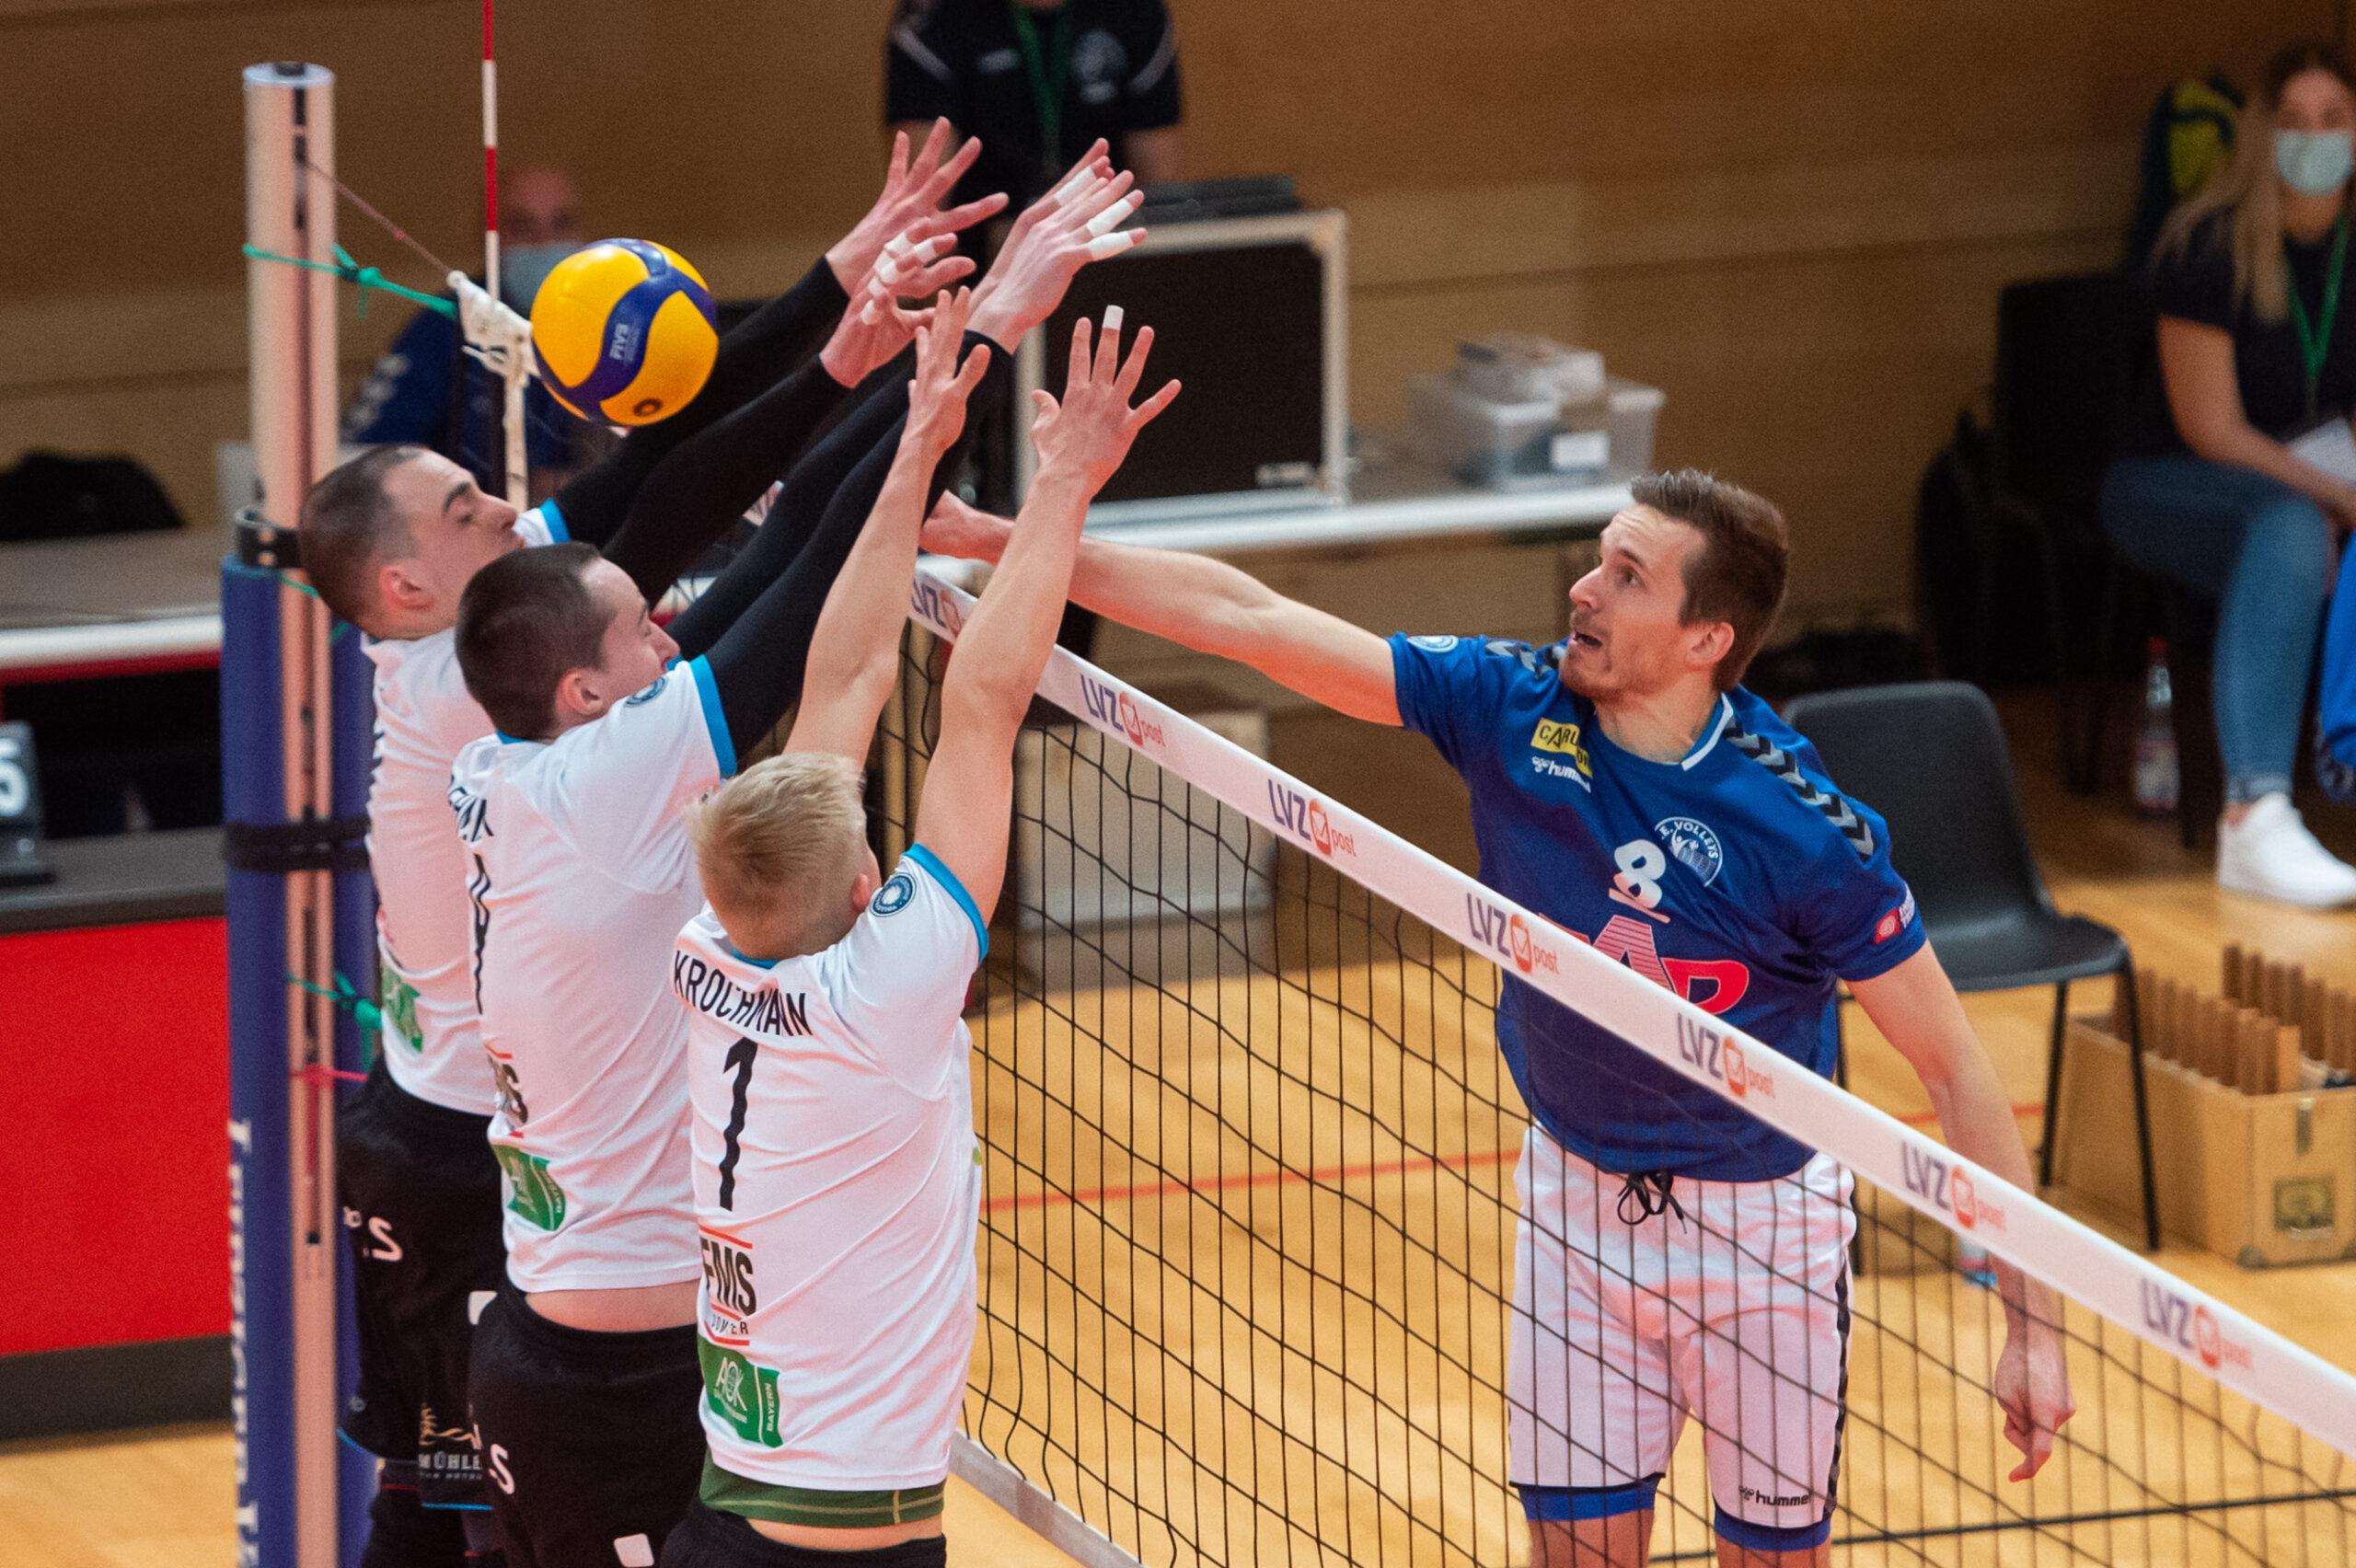 Chris Warsawski (Volleys #8) sticht den Ball durch den dreifachen Block der Hammelburger -   L.E. Volleys Leipzig vs TV/DJK Hammelburg, Volleyball, 2.Liga, 20.03.2021